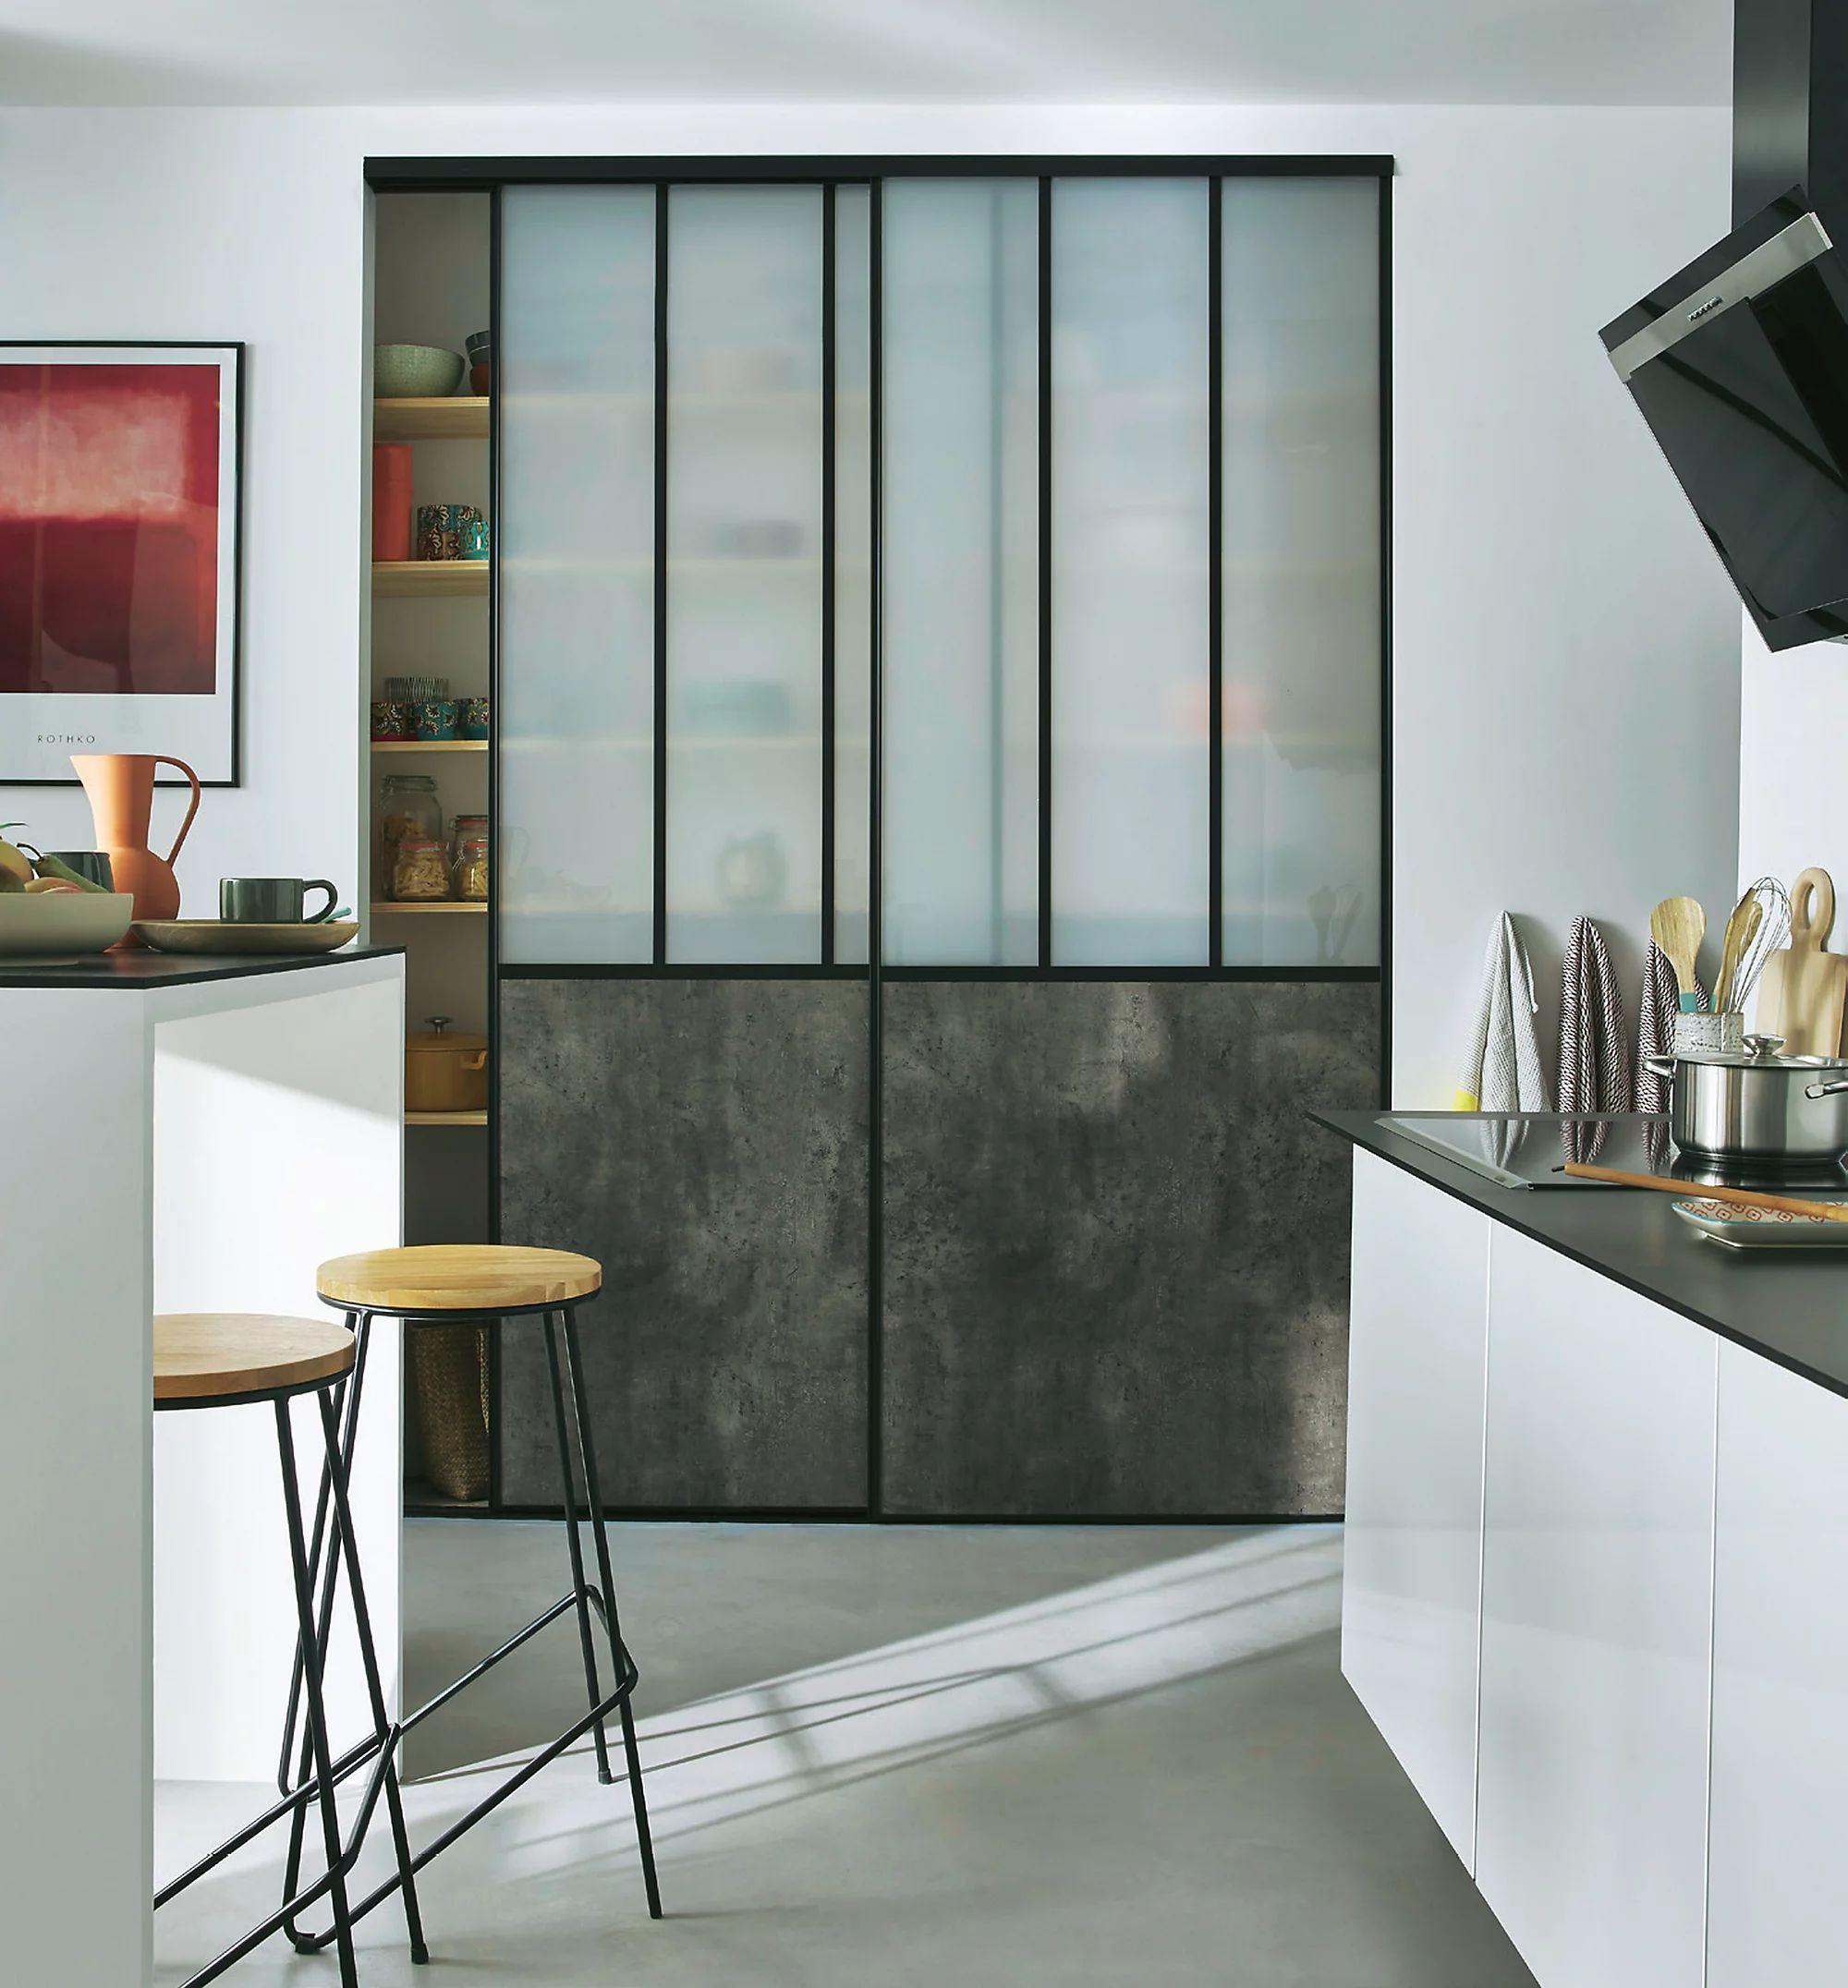 2 portes de placard coulissantes Vulcano décor gris béton - 180 x 245 cm